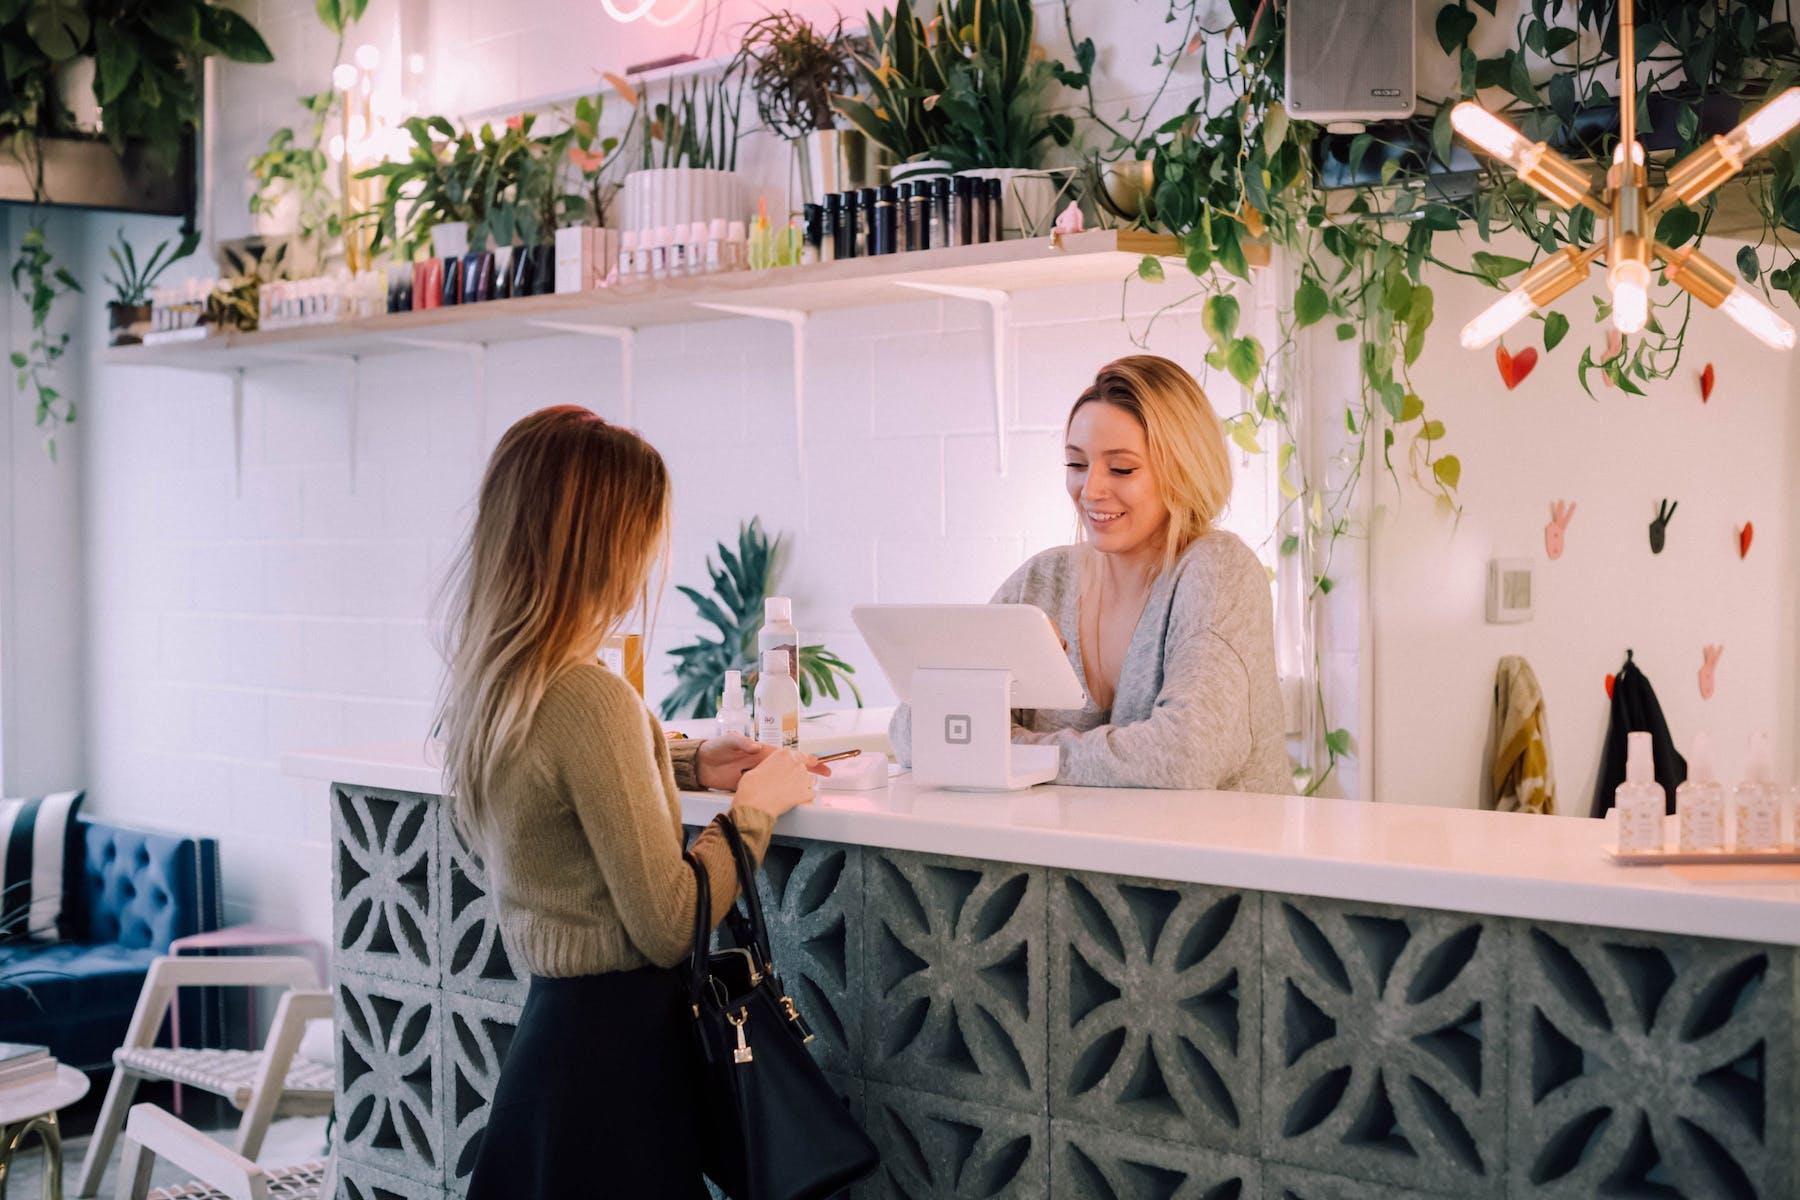 women paying the cashier